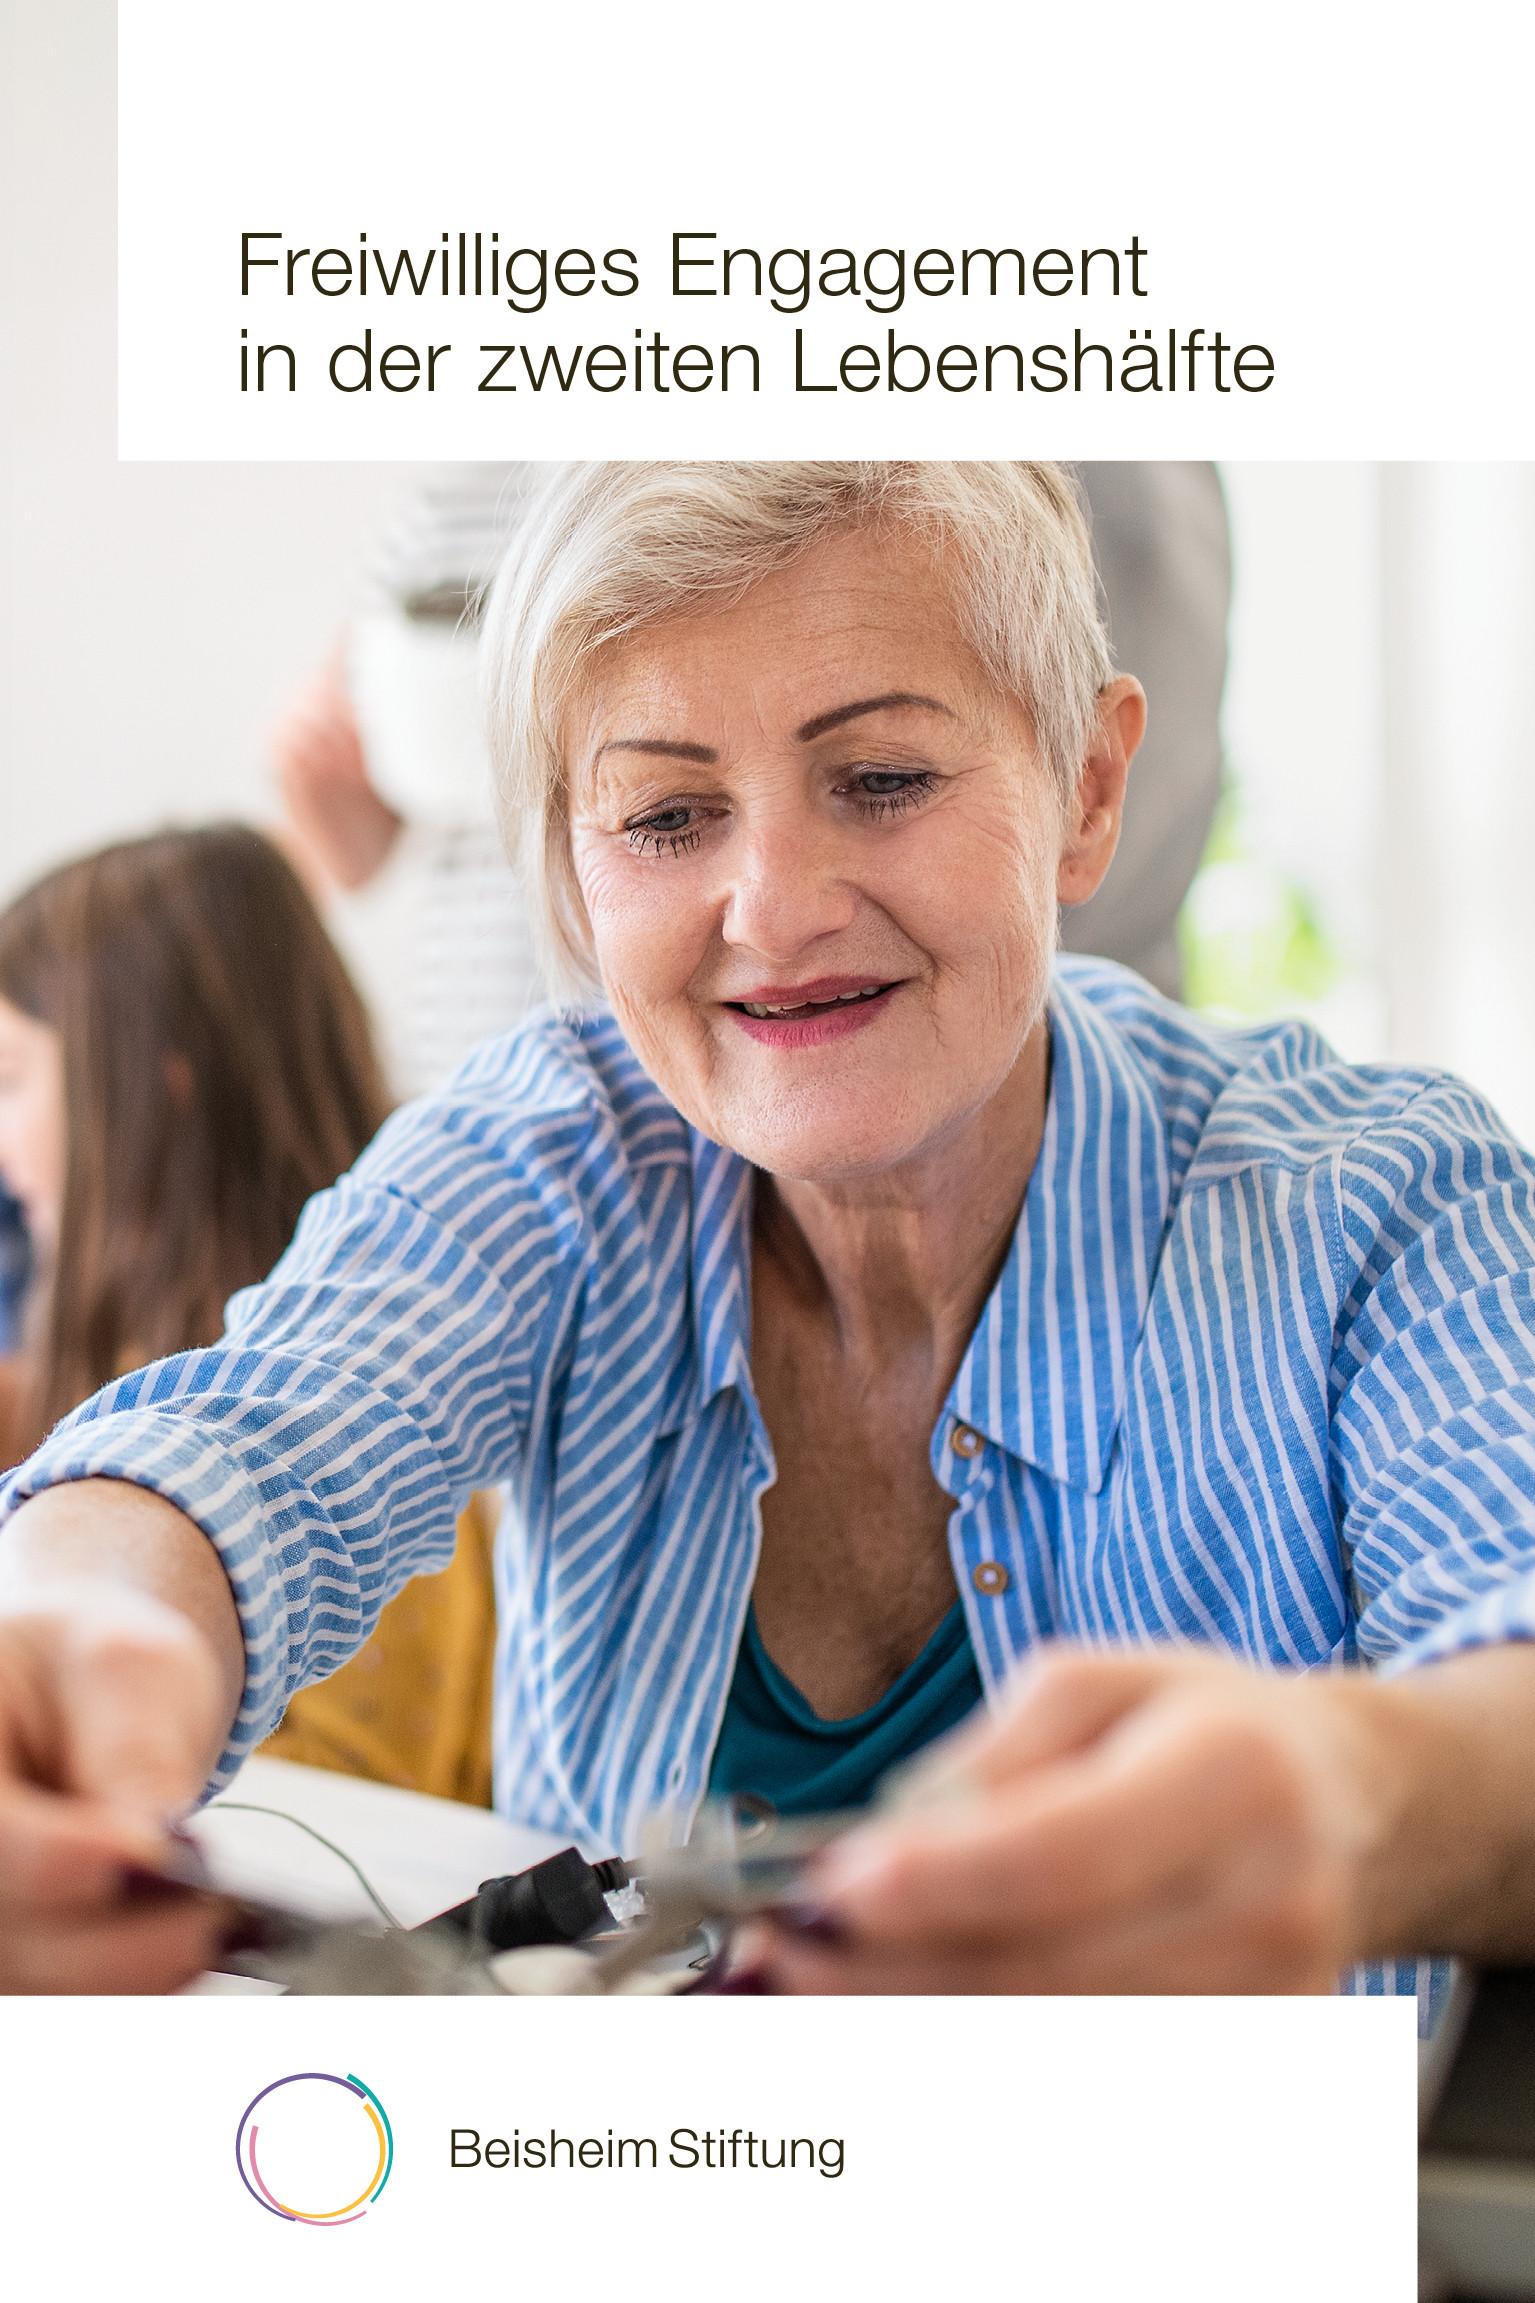 Freiwilliges Engagement in der zweiten Lebenshälfte zum Thema machen.